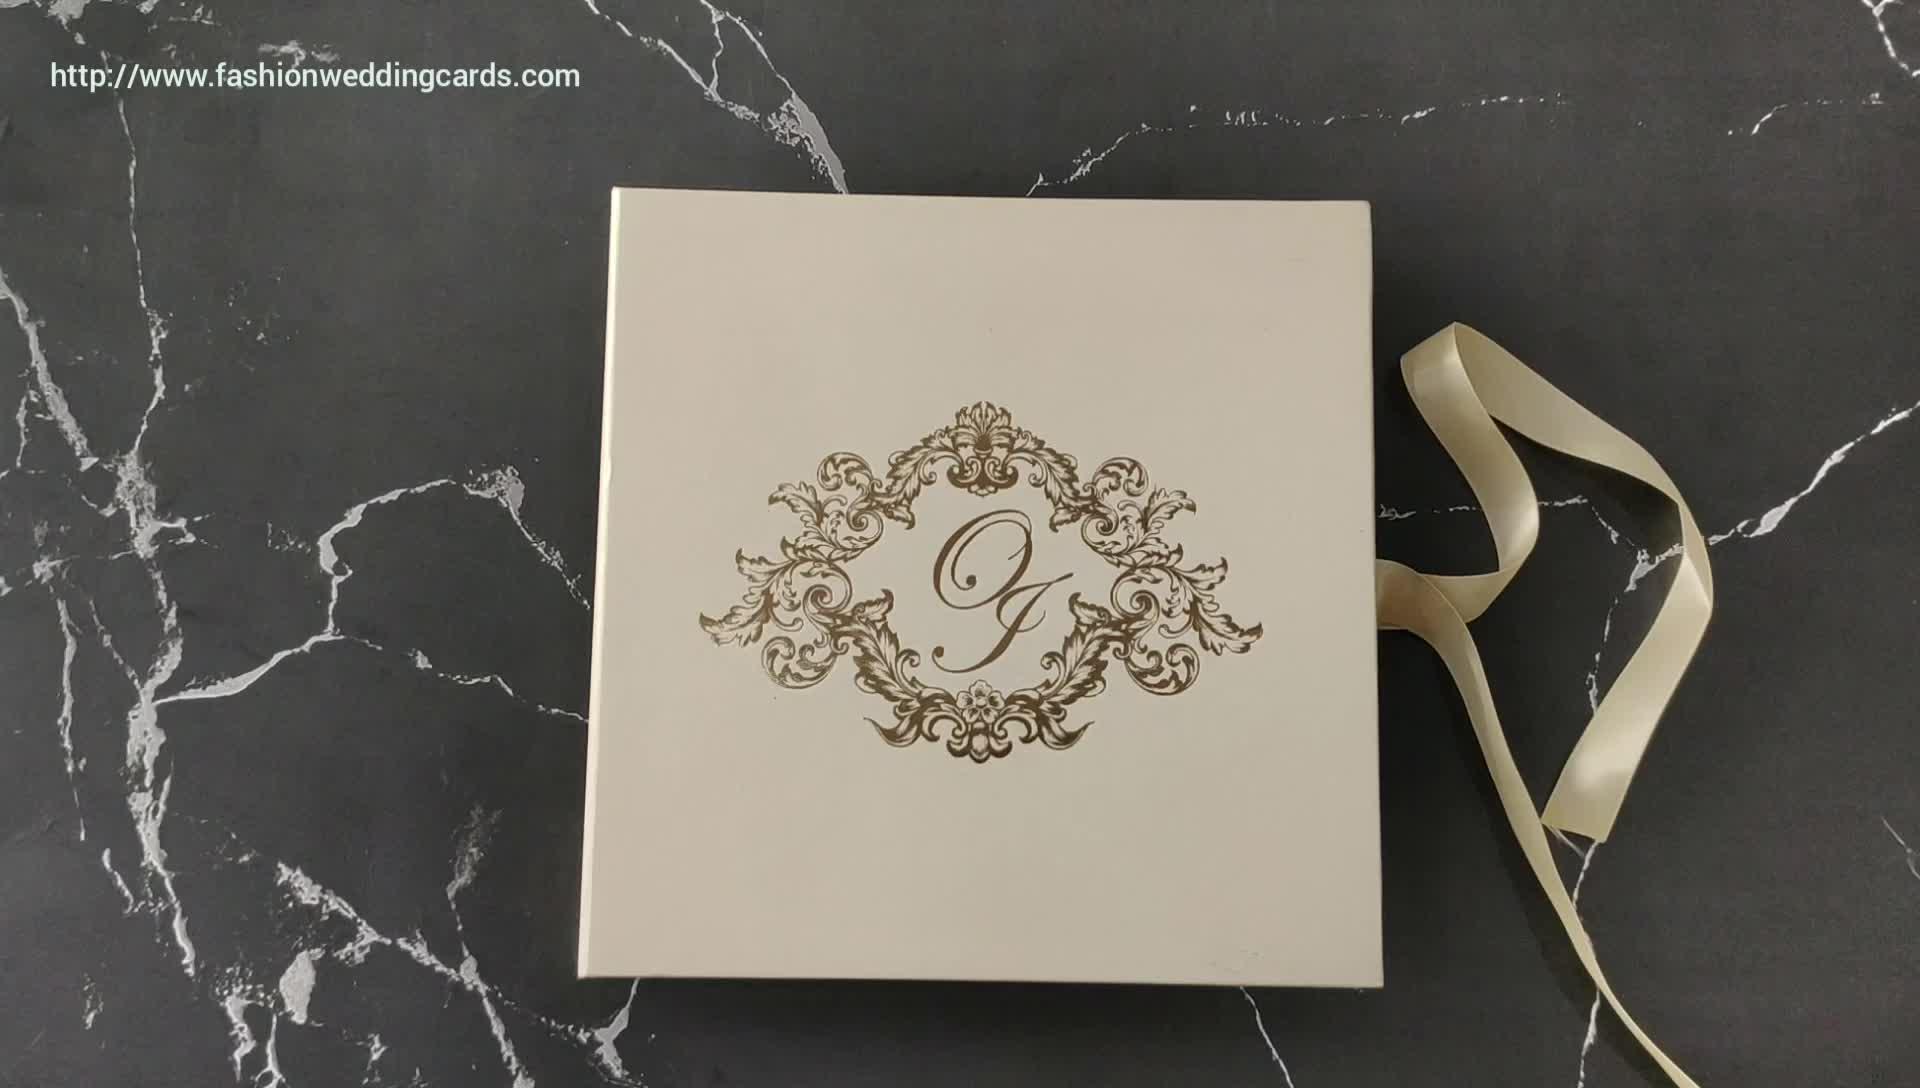 ホワイトエレガントハードカバーボックス招待カード結婚式